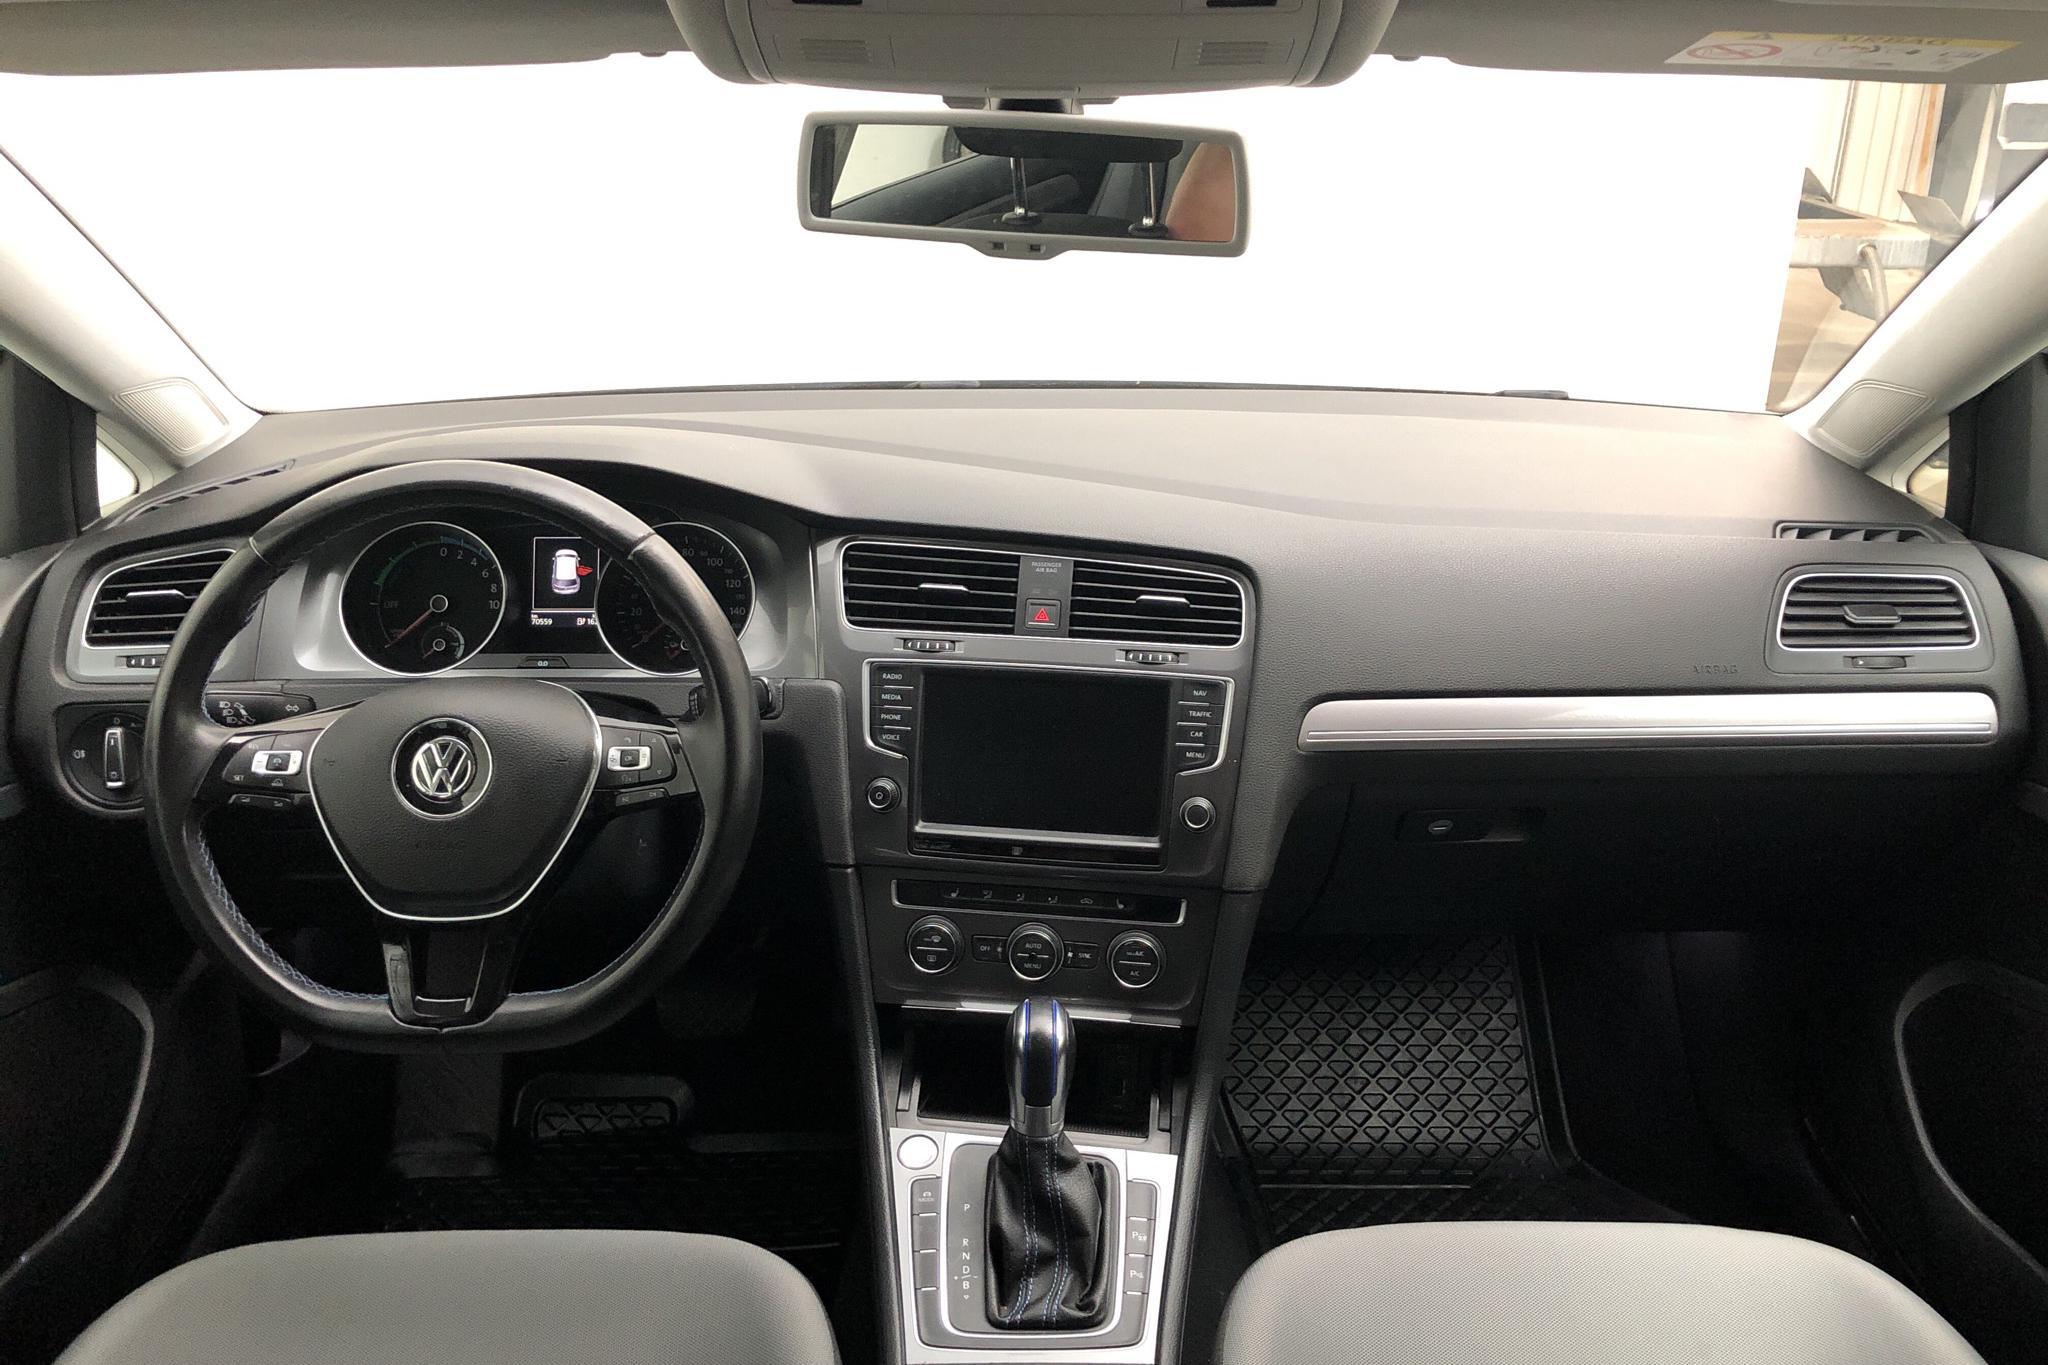 VW e-Golf VII 5dr (115hk) - 7 056 mil - Automat - vit - 2016